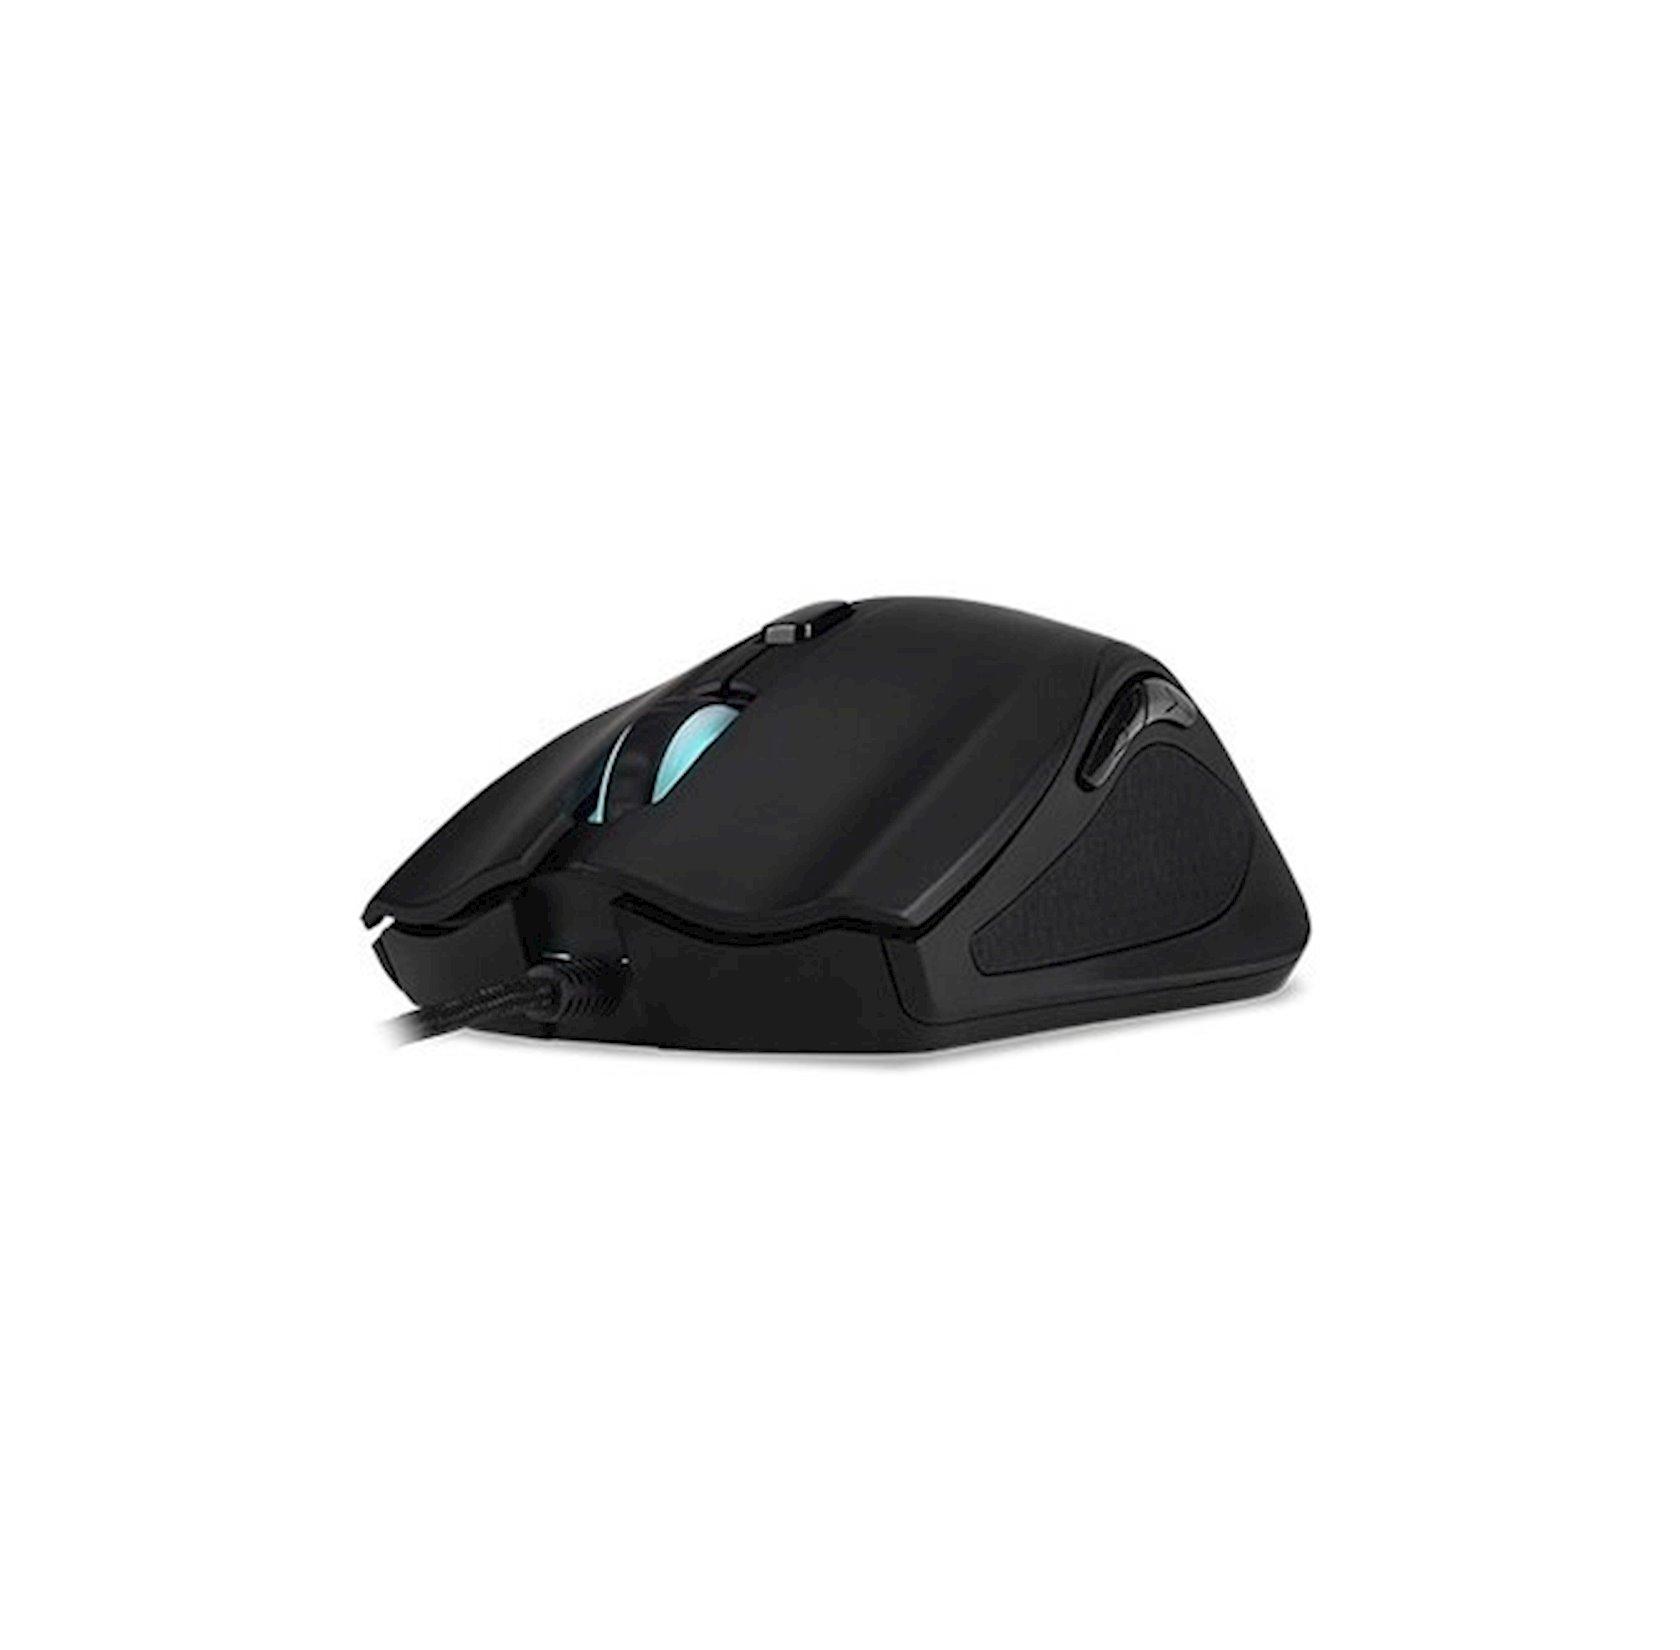 Oyun siçanı Acer Predator Cestus 320 Np.Mce11.00f